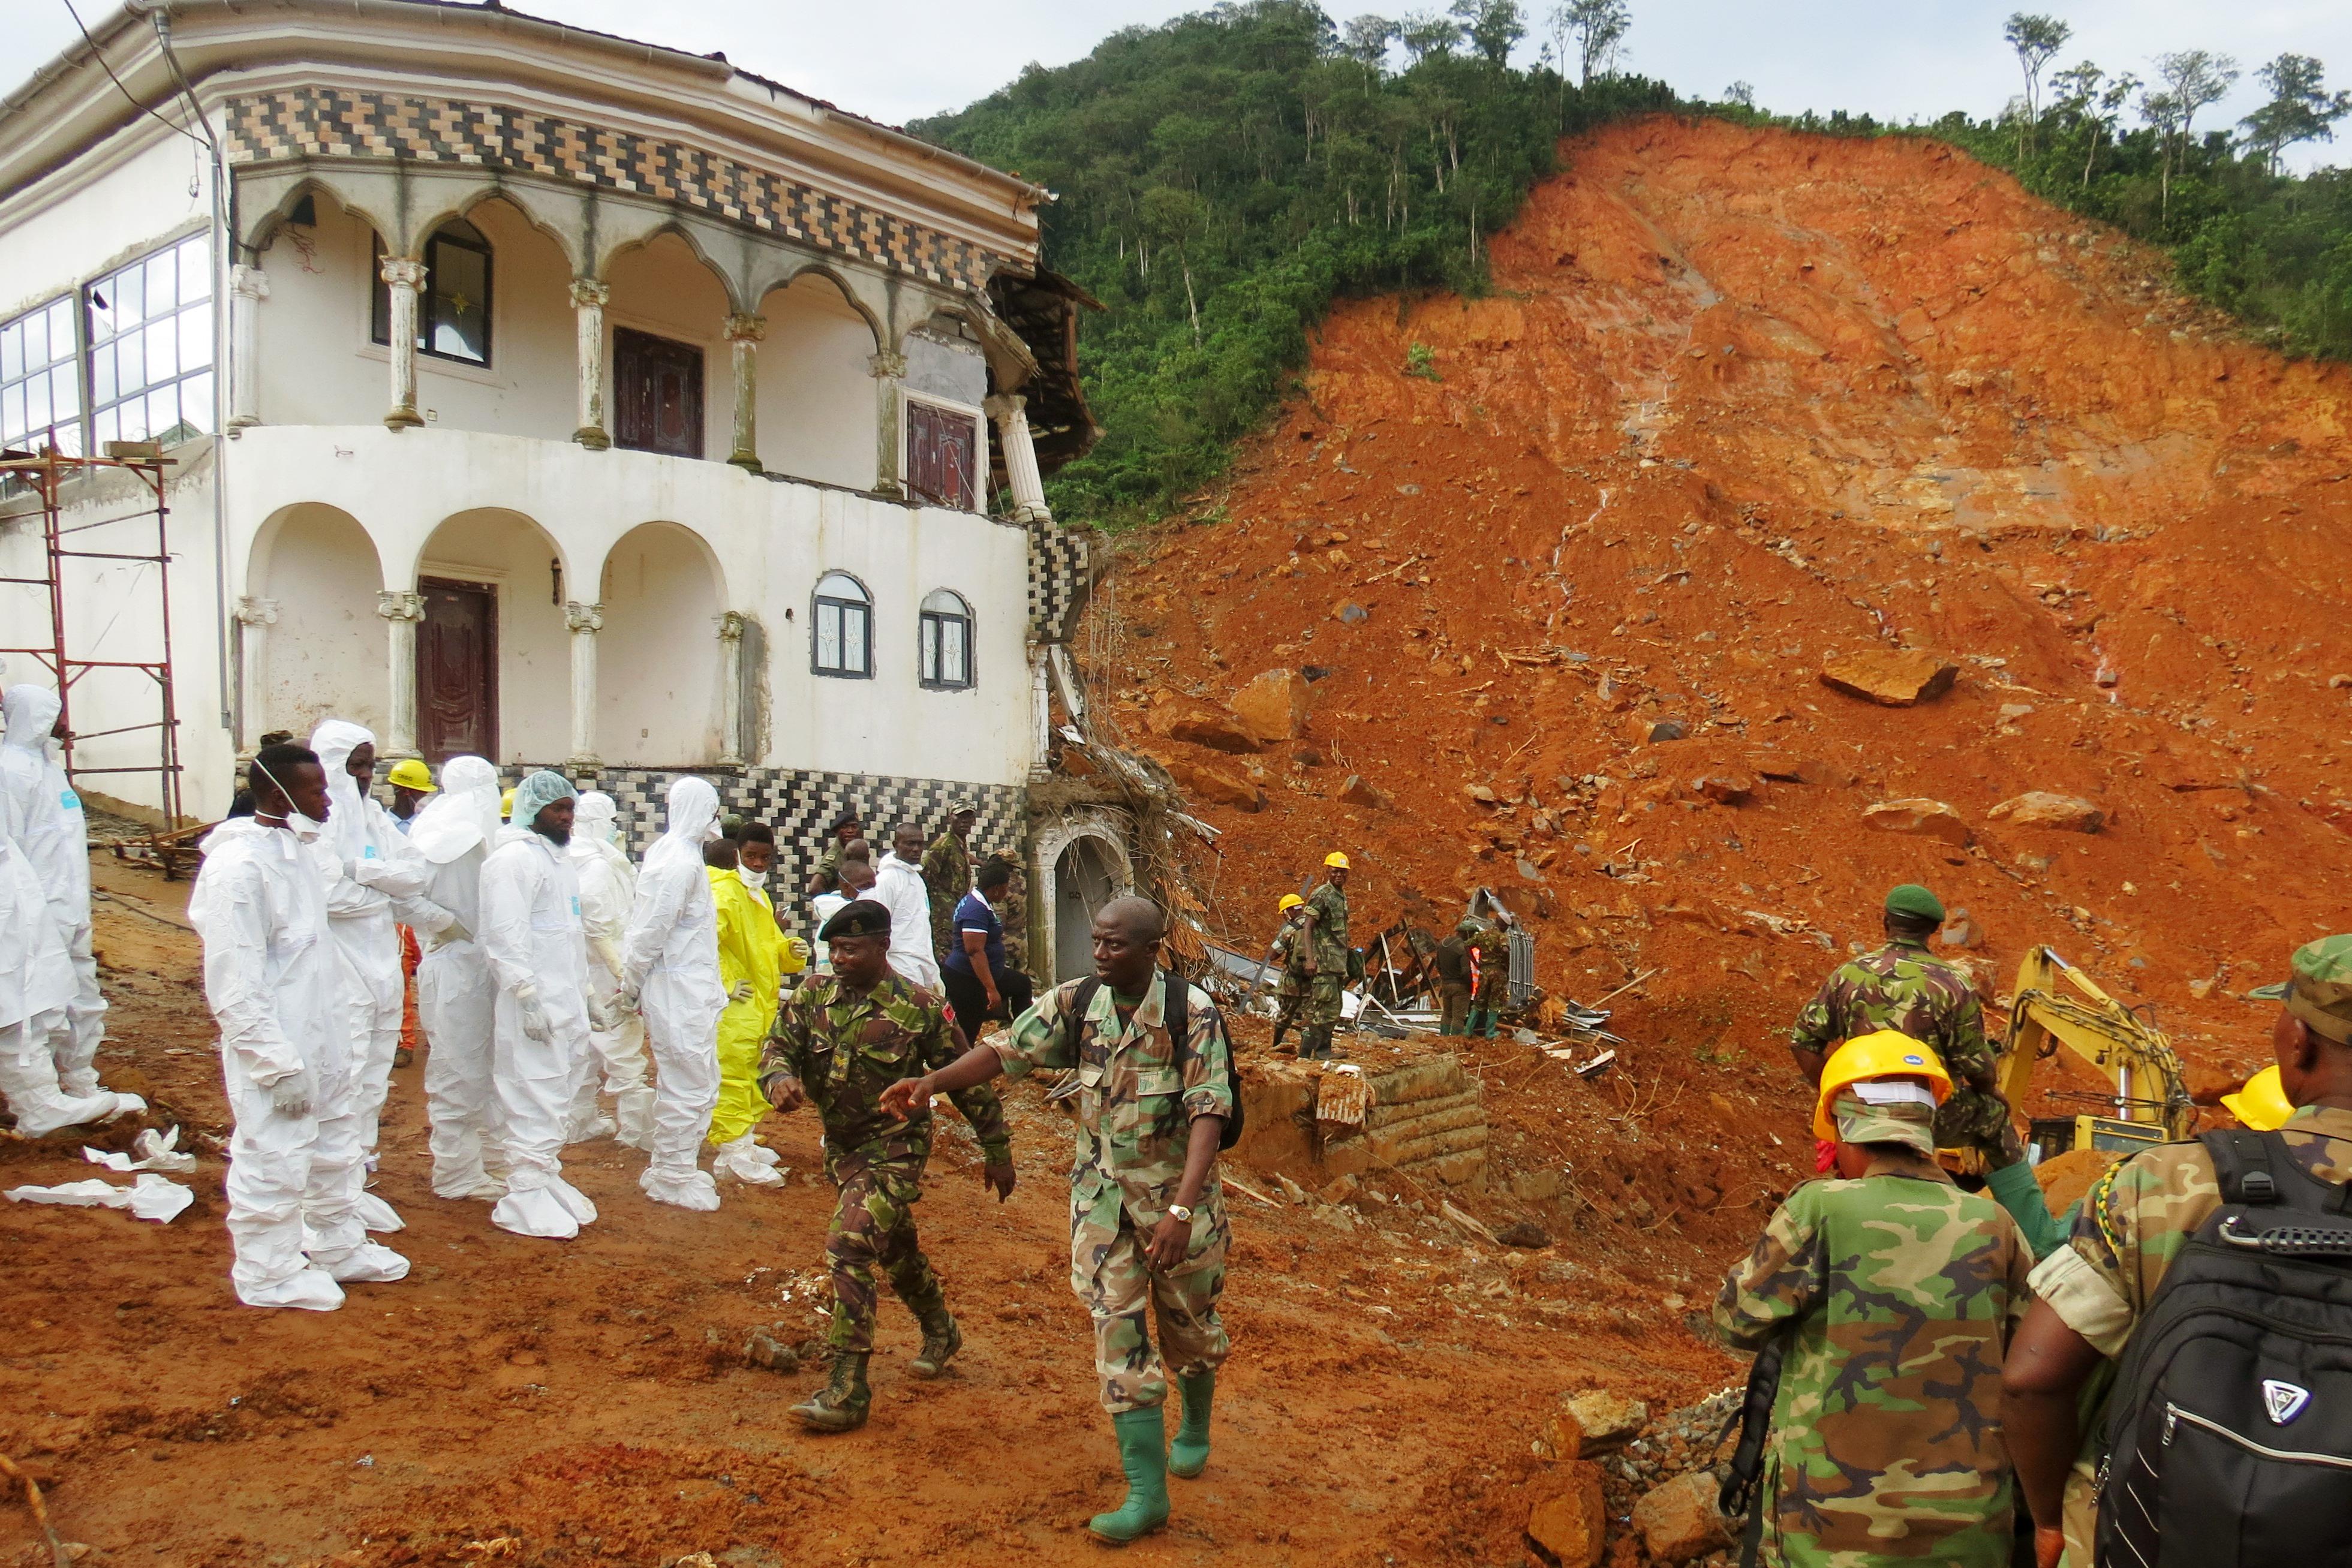 Sierra Leonéban 400 halottat találtak a földcsuszamlás után